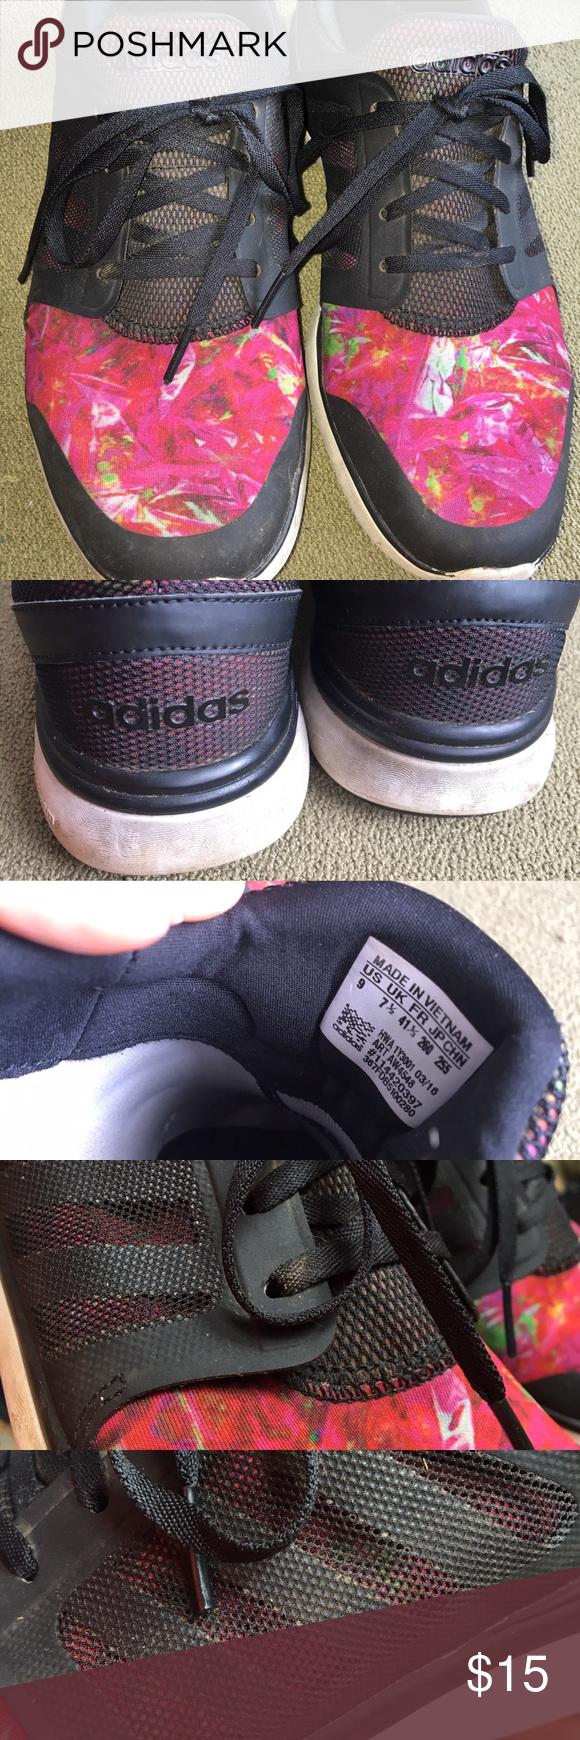 Adidas Cloudfoam Fiore Nero Rosso Nero E Scarpe Di Progettazione, Maglie